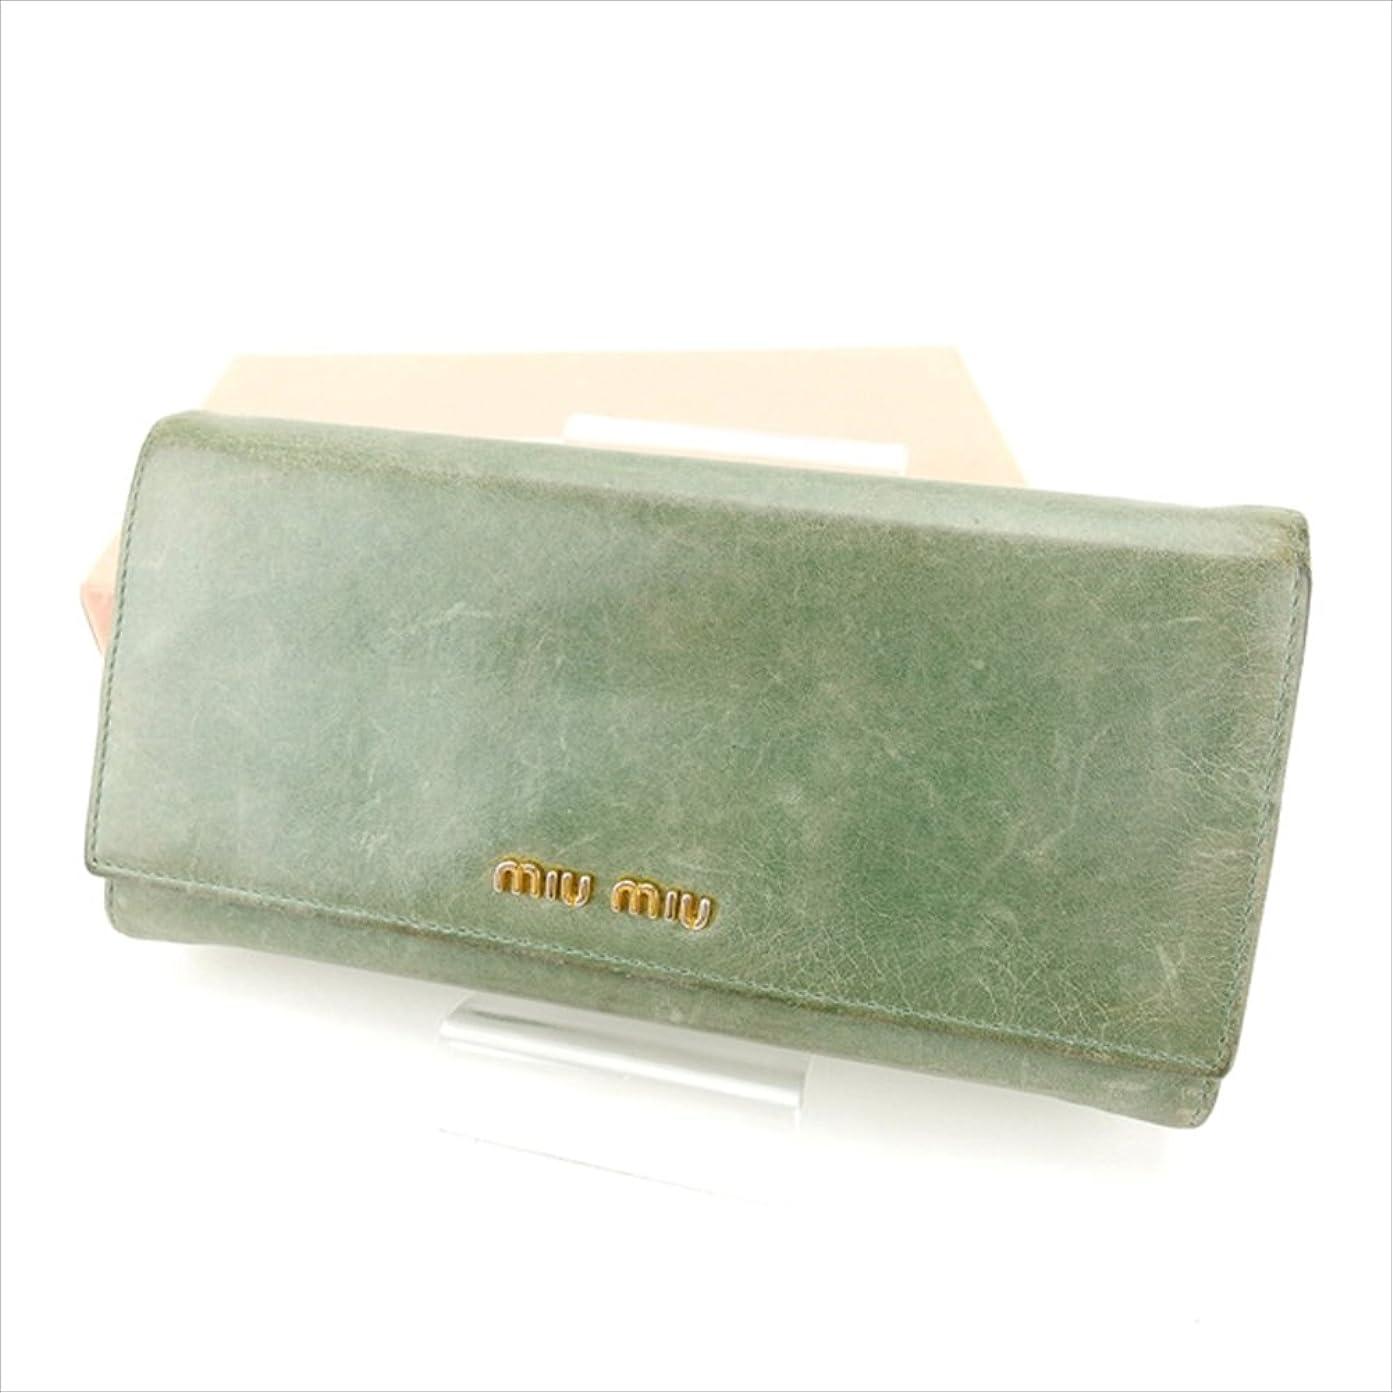 誰職業に沿って(ミュウミュウ) Miu Miu 長財布 ファスナー付き長財布 グリーン×ゴールド ロゴ レディース 中古 E1018